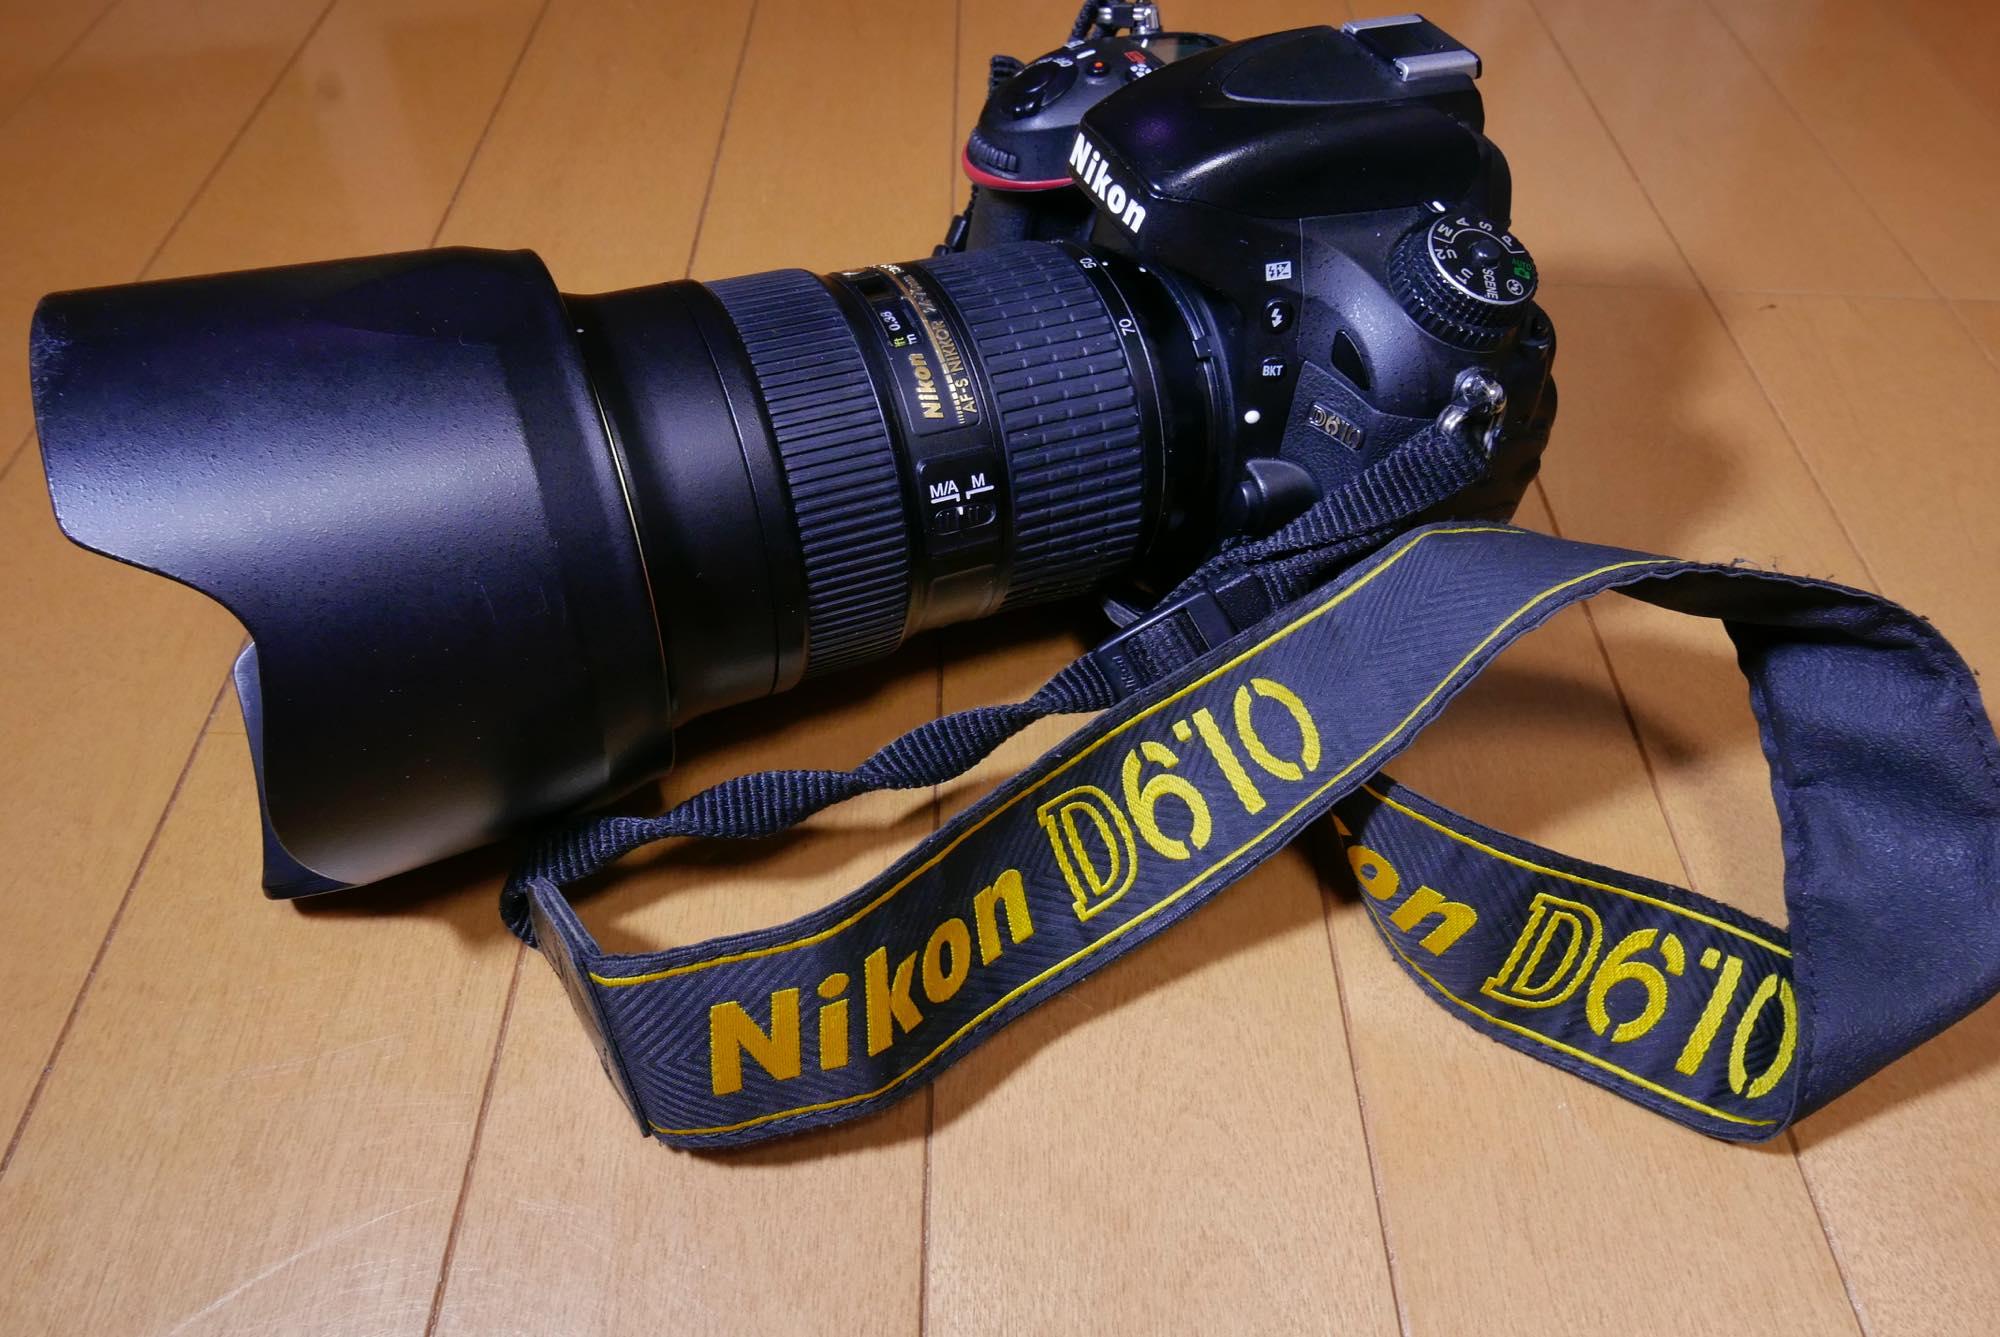 NIKKOR 24-70mm f/2.8E ED D610